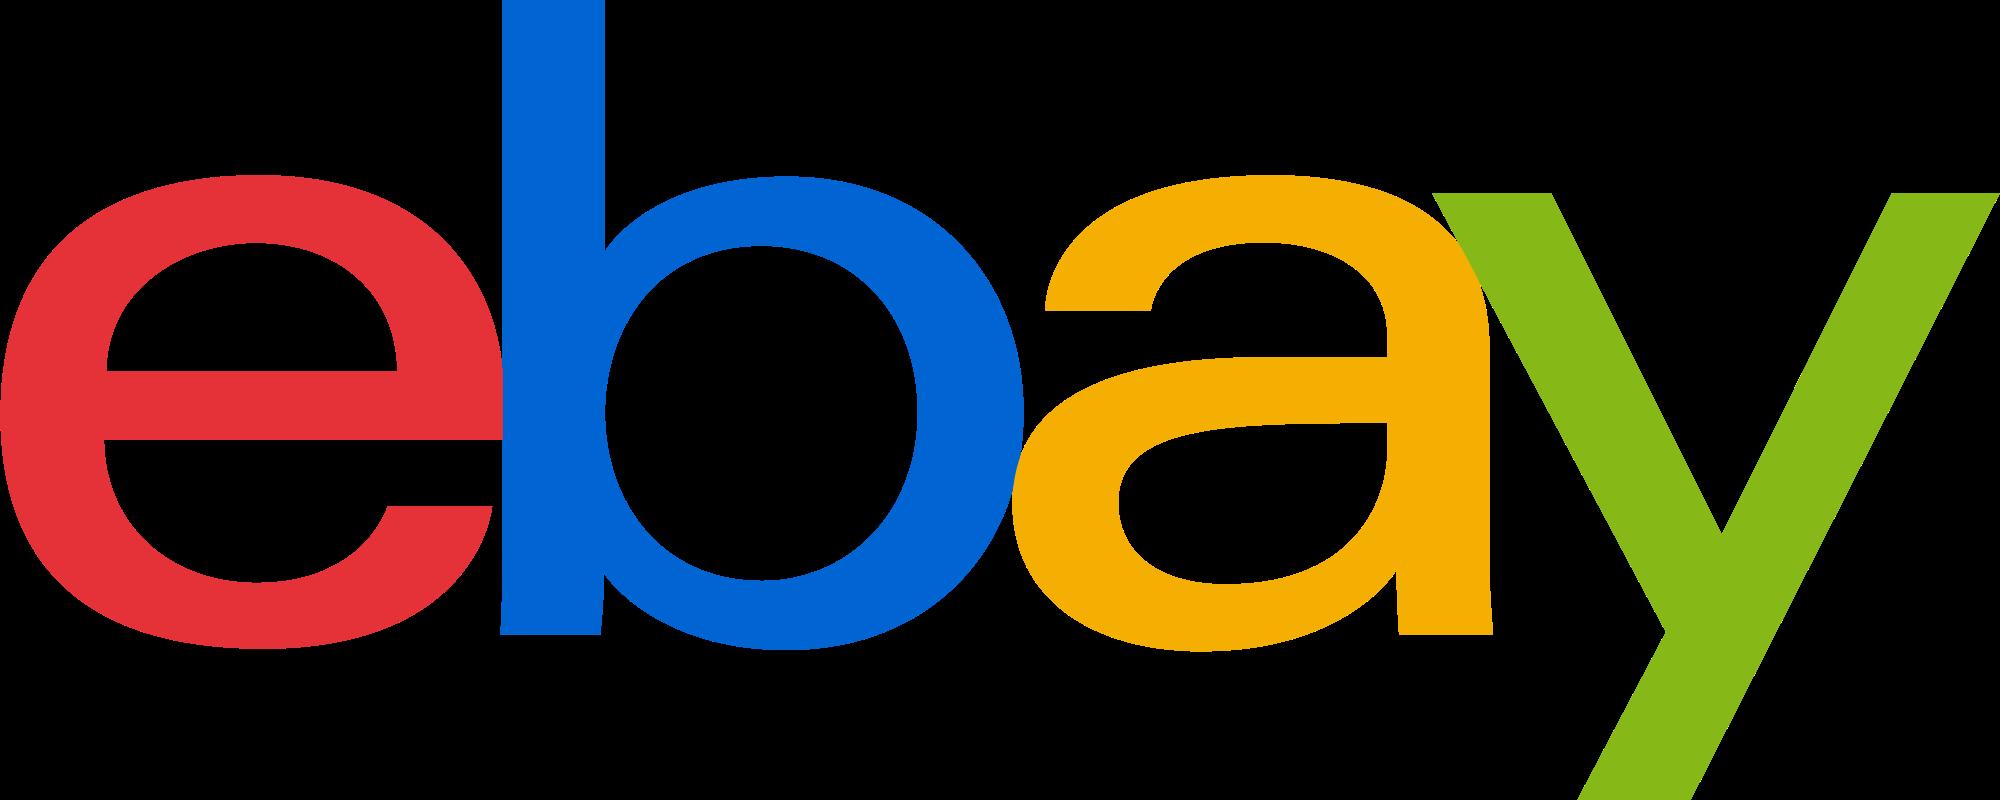 โปรโมชั่น & ส่วนลด ebay